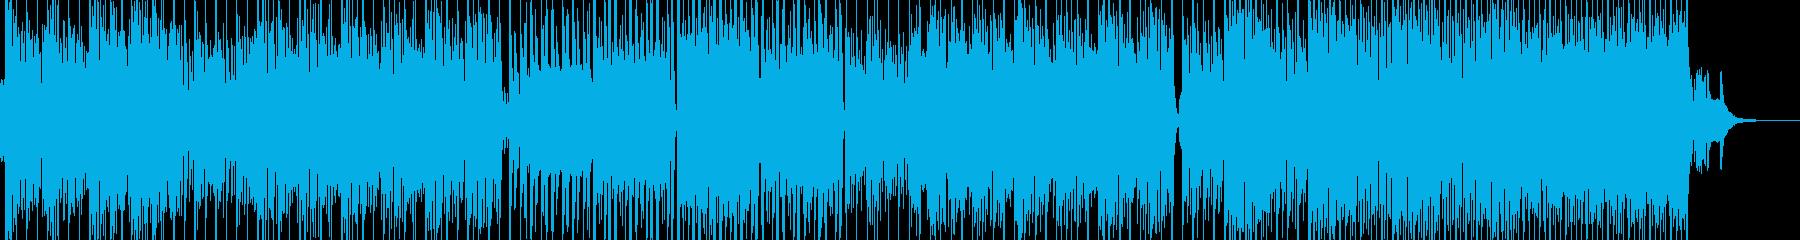 民族的で原始的な雰囲気を演出 エレキ無Bの再生済みの波形